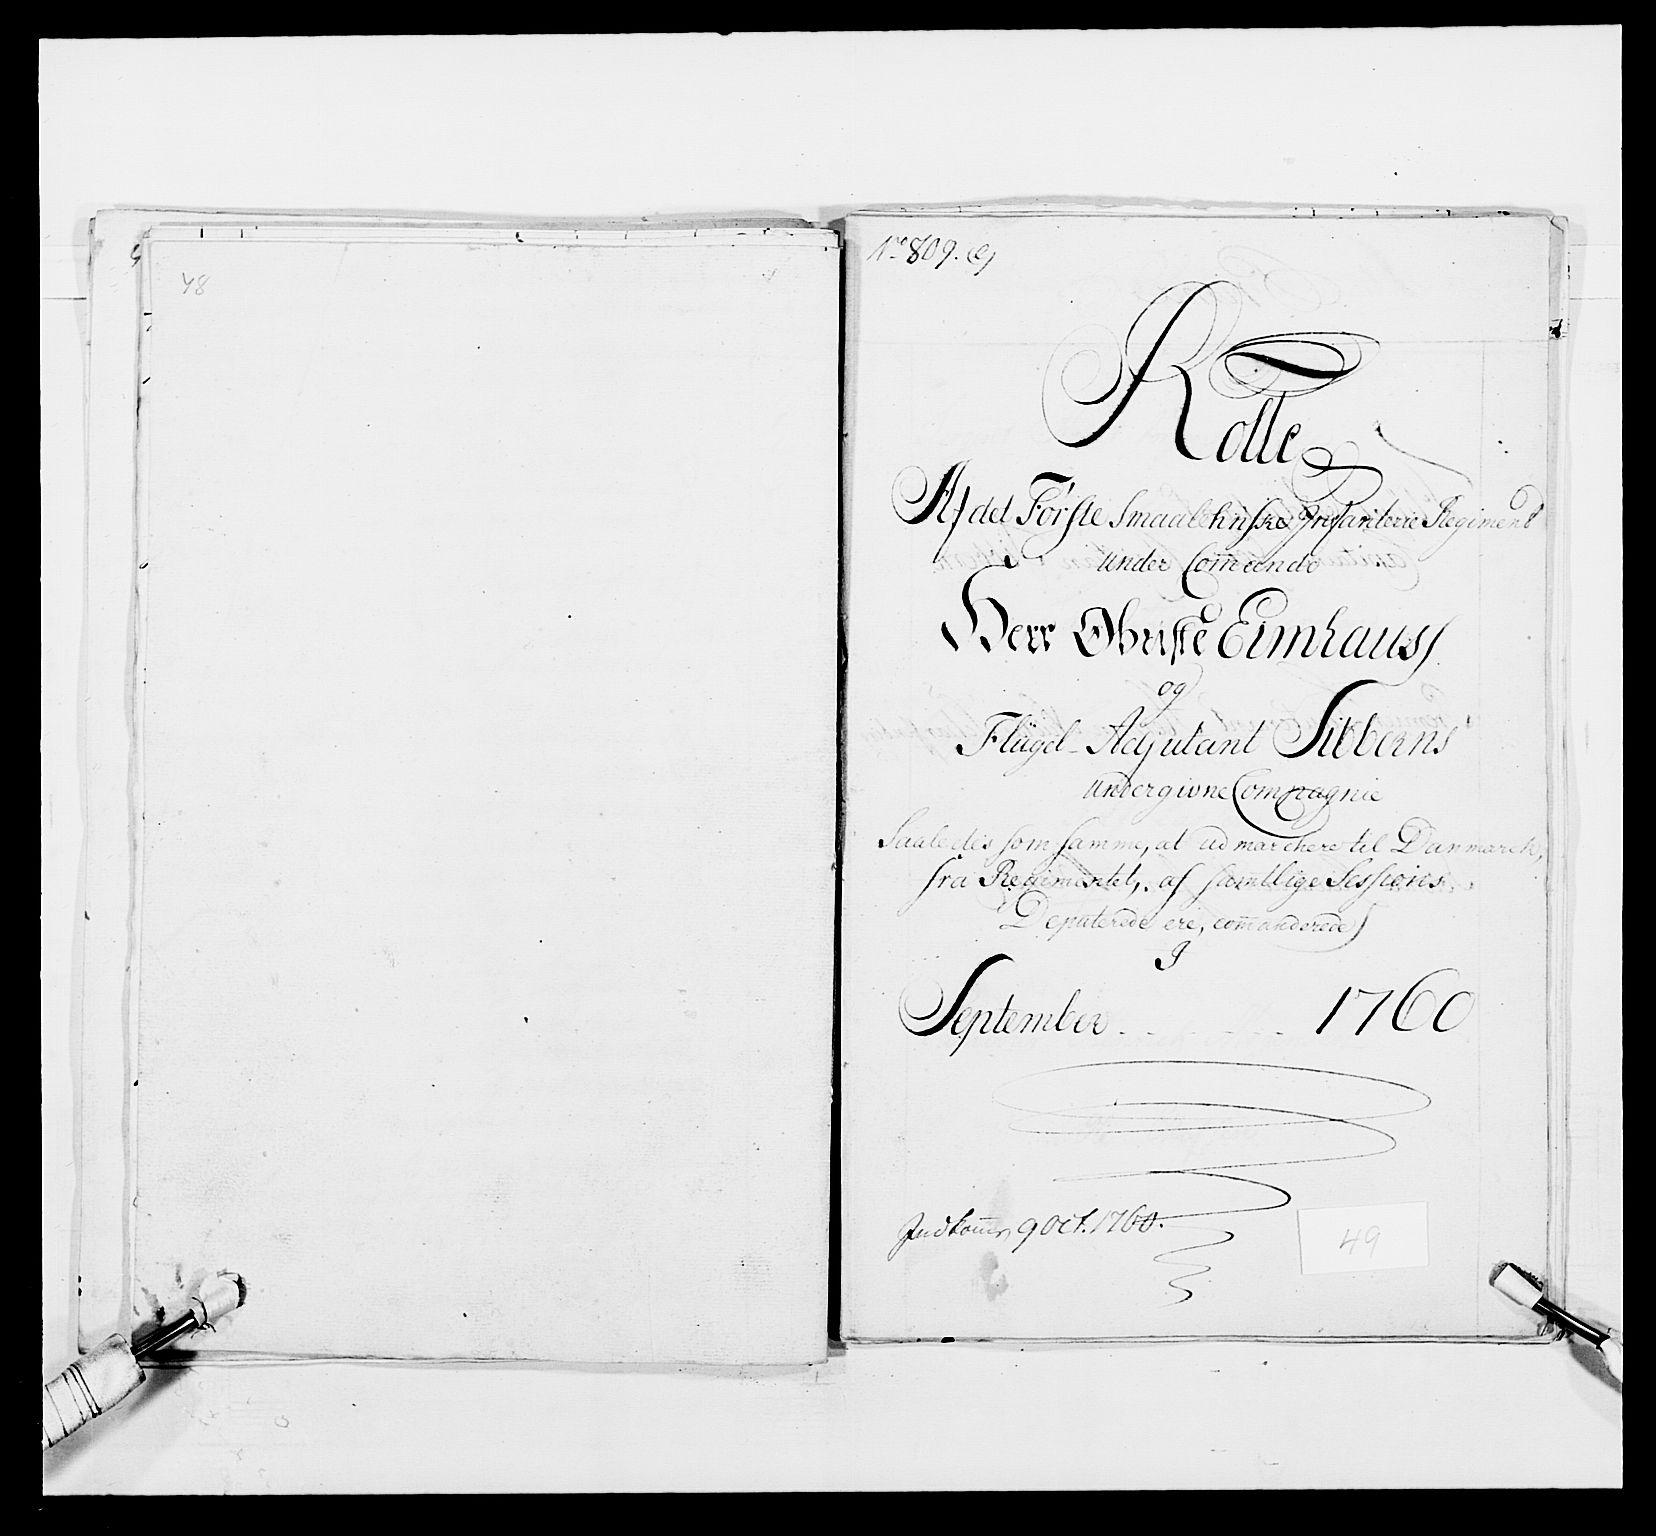 RA, Kommanderende general (KG I) med Det norske krigsdirektorium, E/Ea/L0495: 1. Smålenske regiment, 1732-1763, s. 653